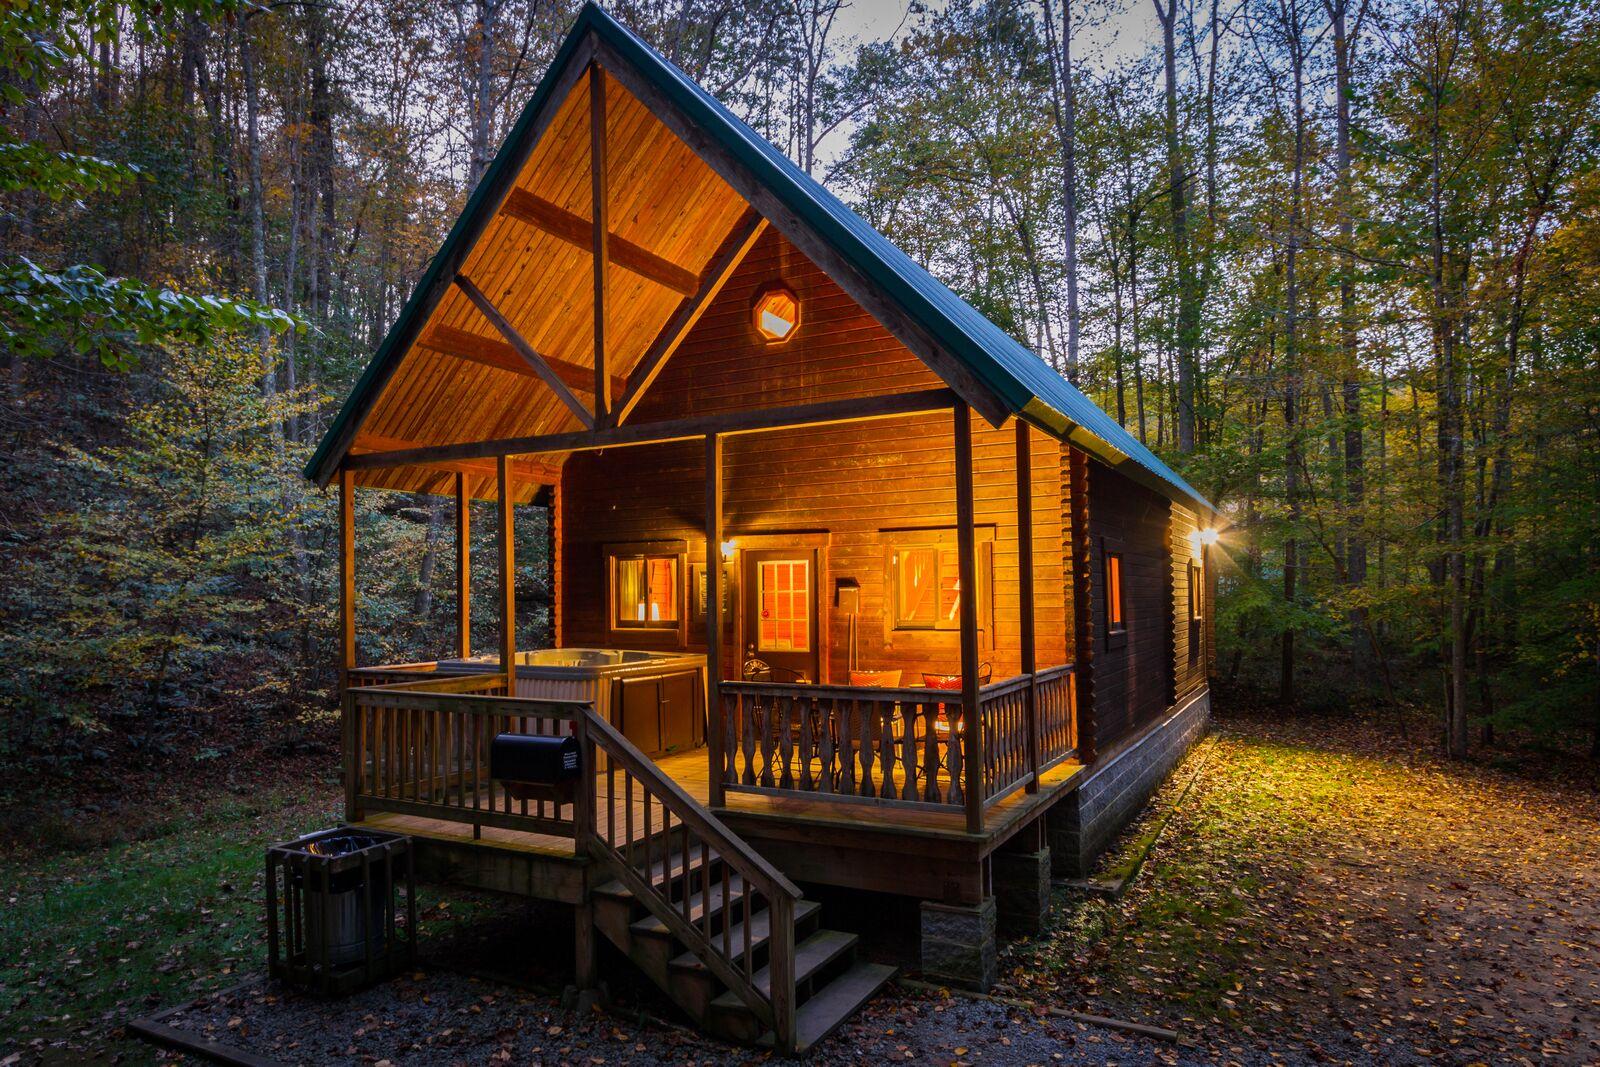 A charming susnet over an Aspen Log Home